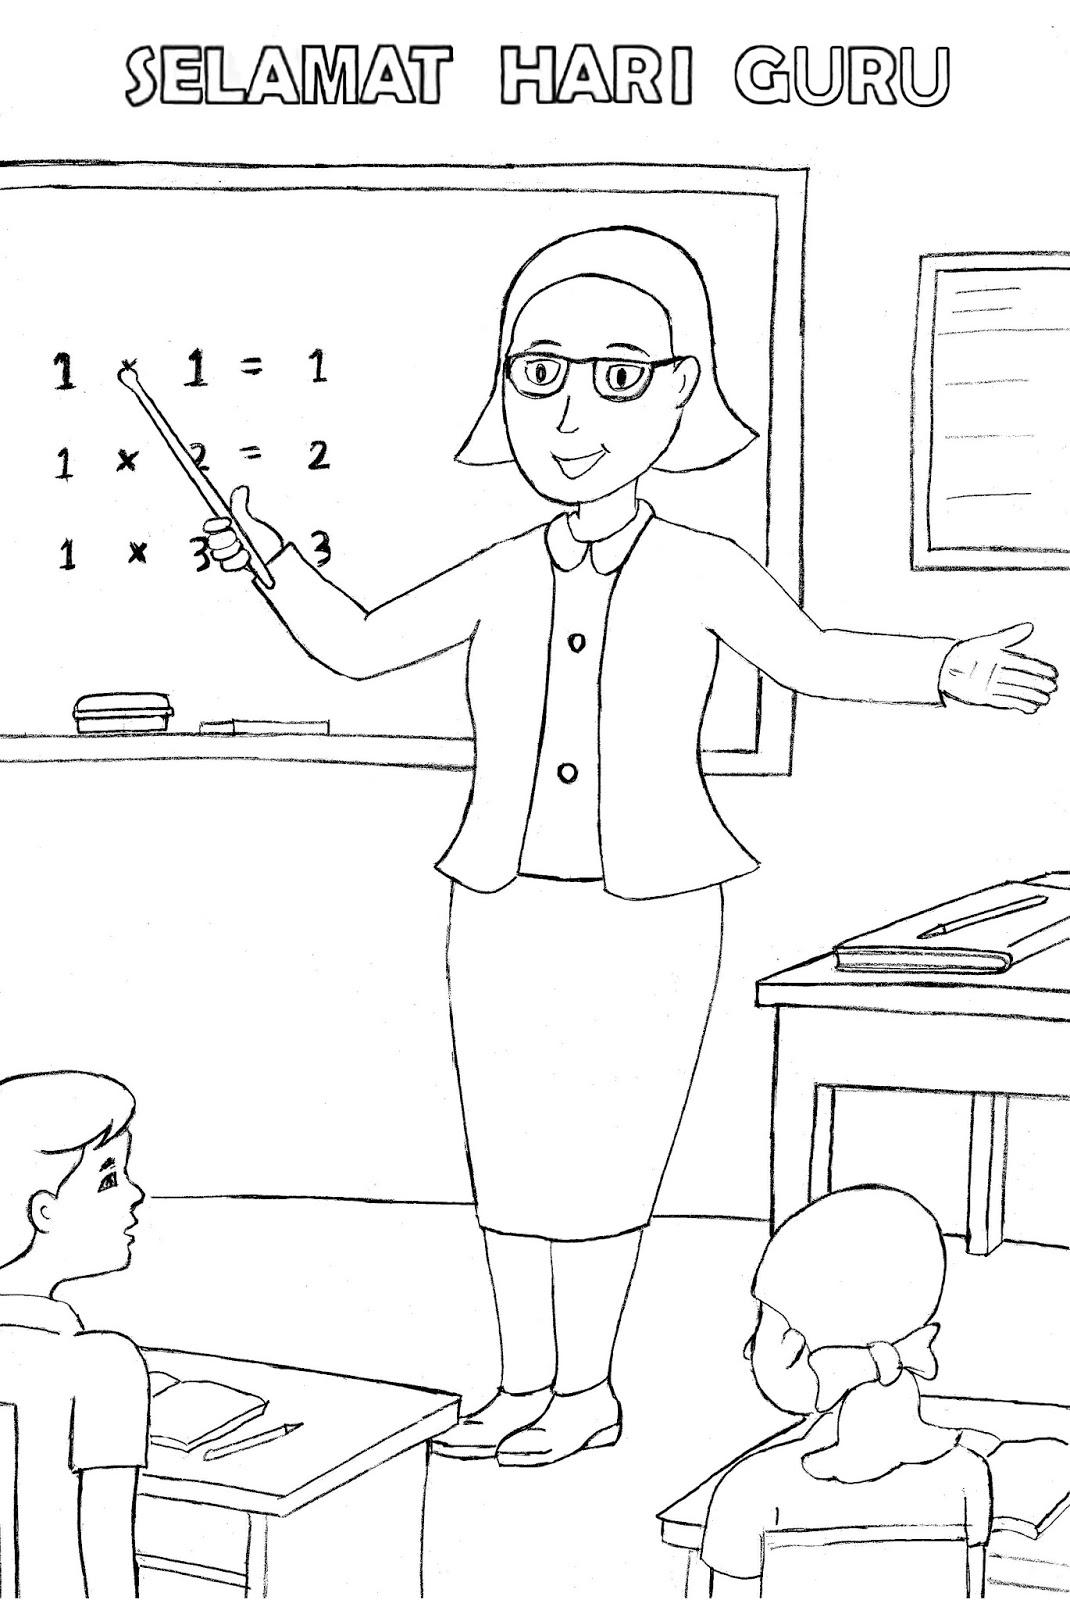 30 Ide Keren Sketsa Gambar Tema Hari Guru Tea And Lead